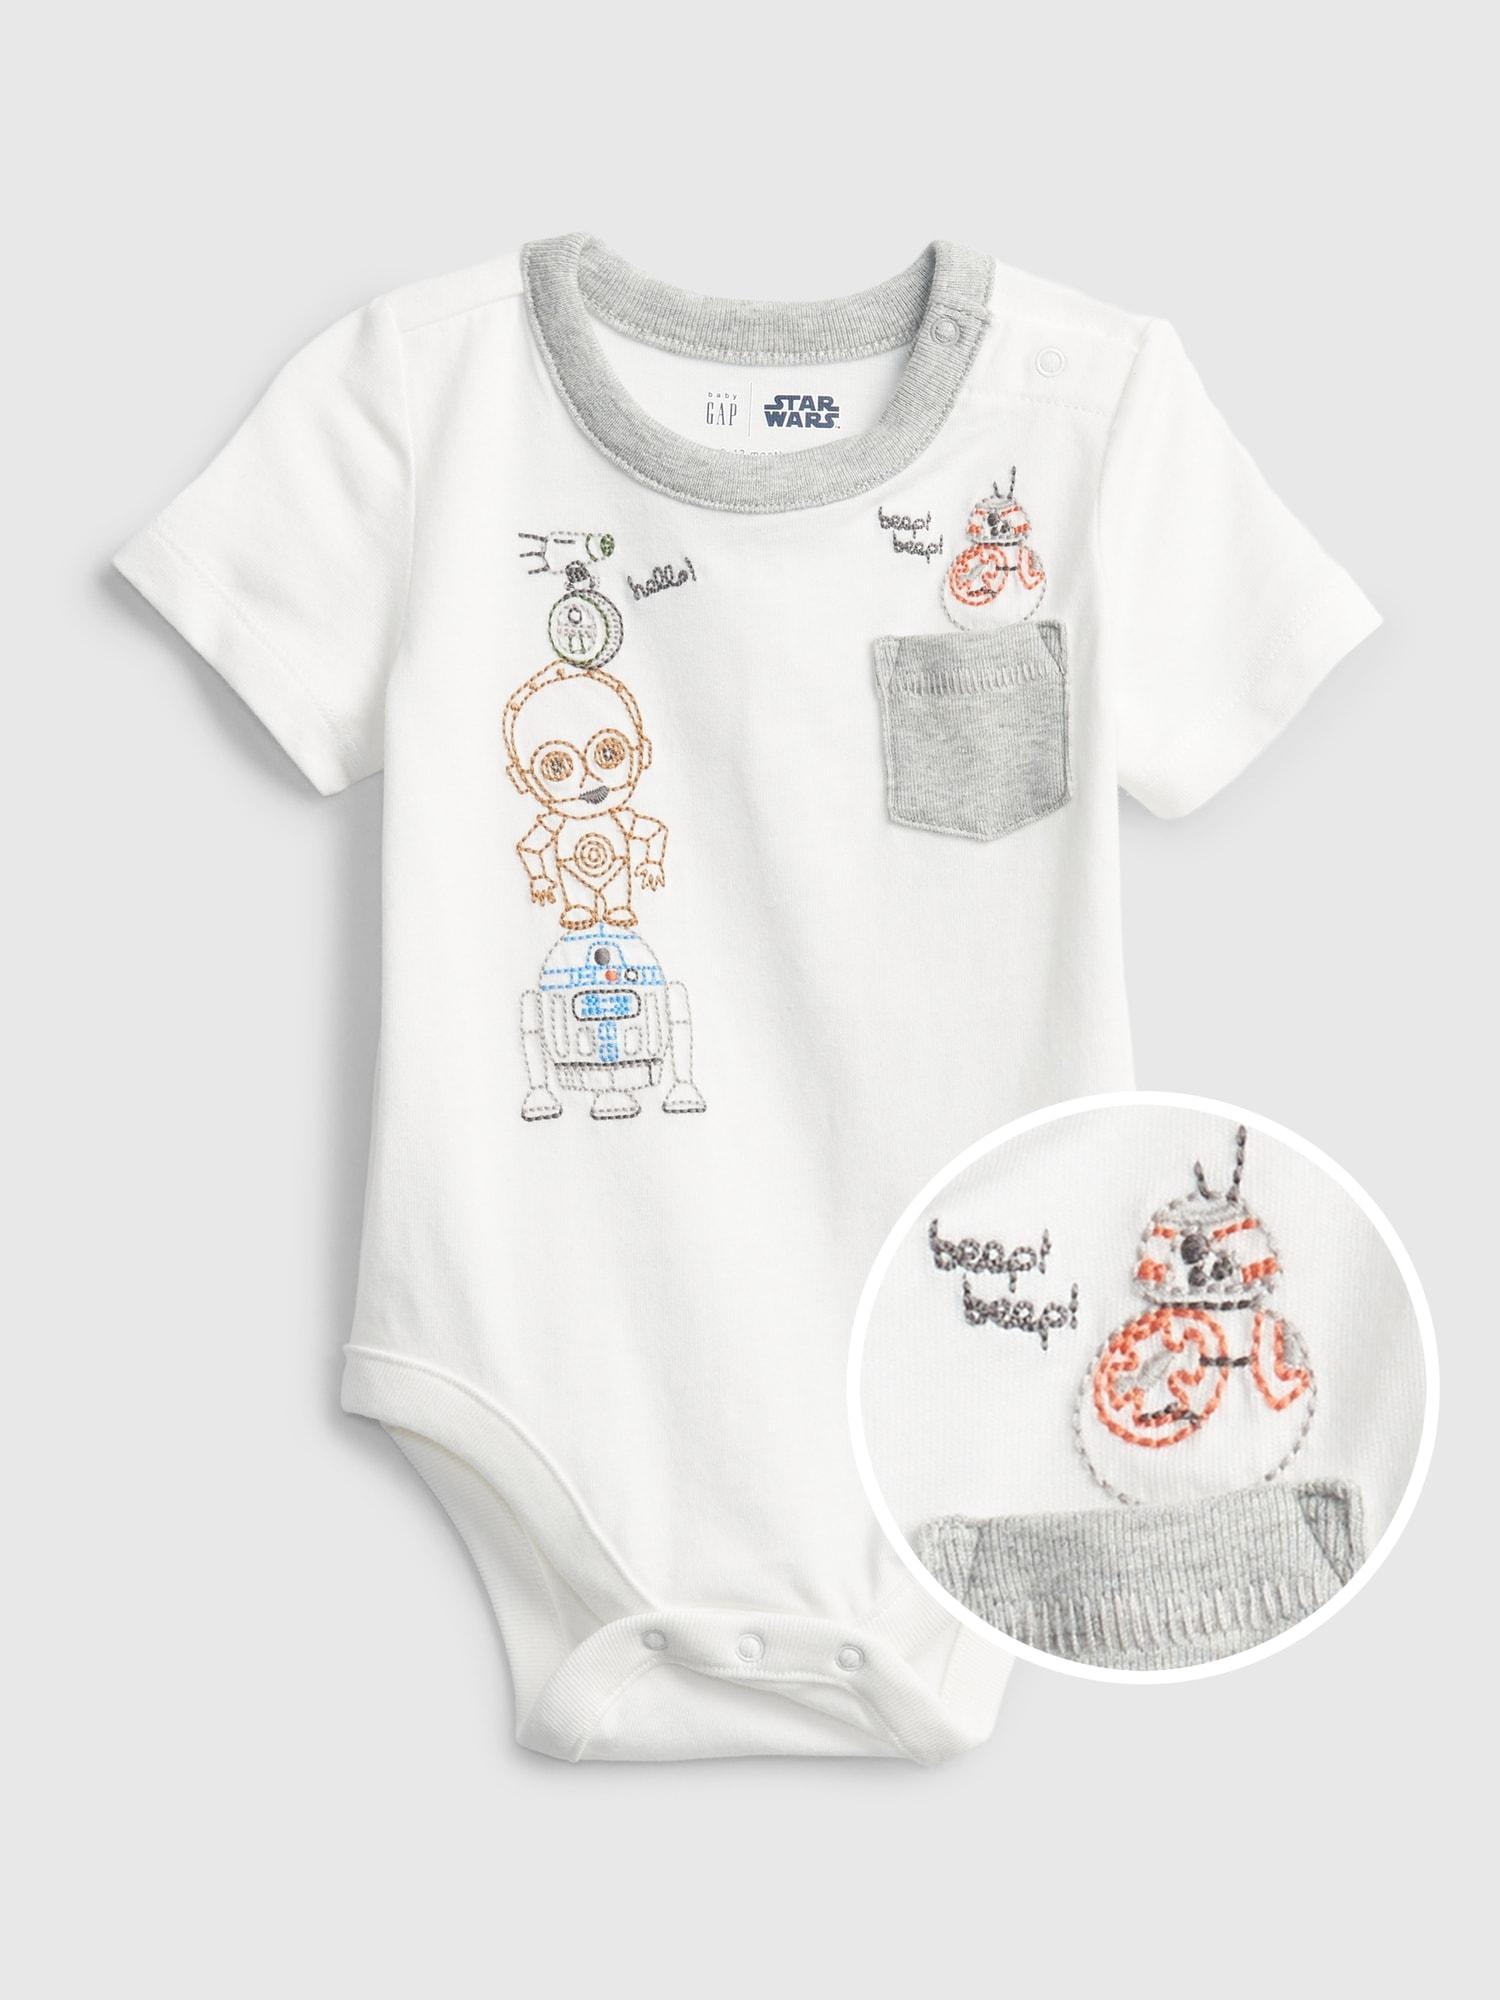 Babygap スター・ウォーズ™ ボディシャツ